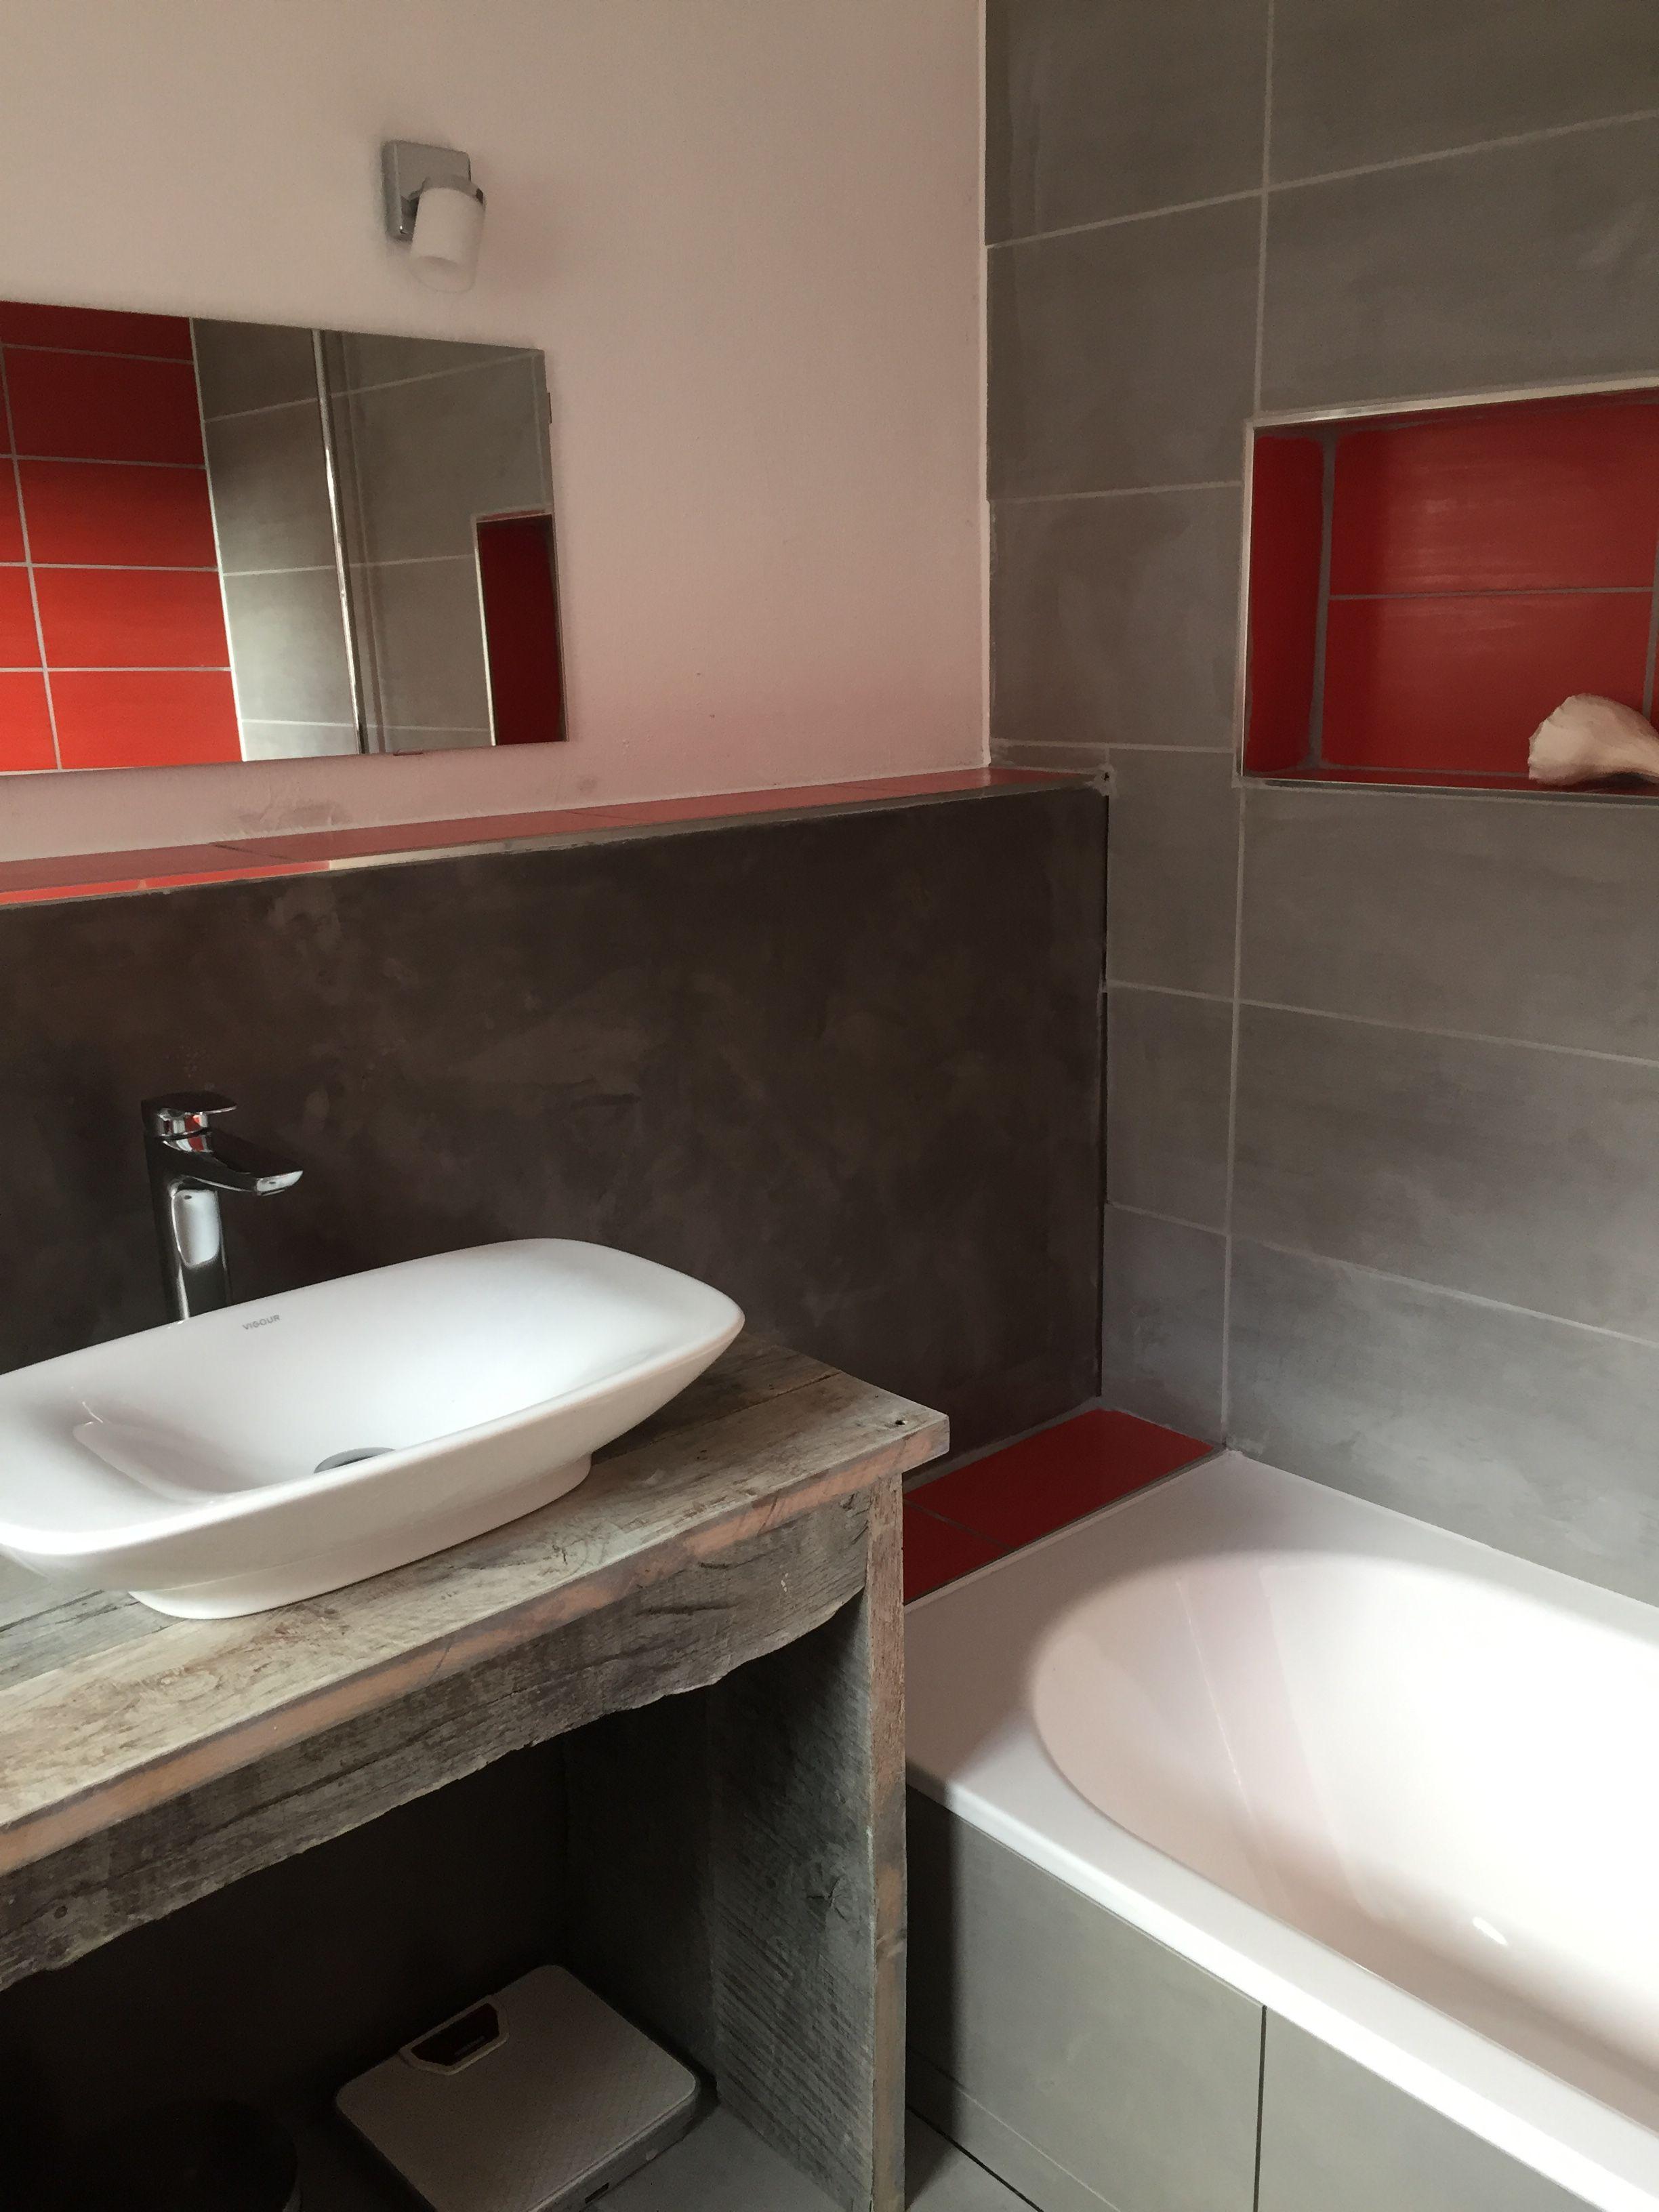 Badezimmer Waschtisch Aus Alten Eichenbohlen Selbst Gebaut Das Grau Der Fliesen Wird Durch Rote Facher Und Ablagen Badezimmer Eichenbohlen Badezimmer Fliesen